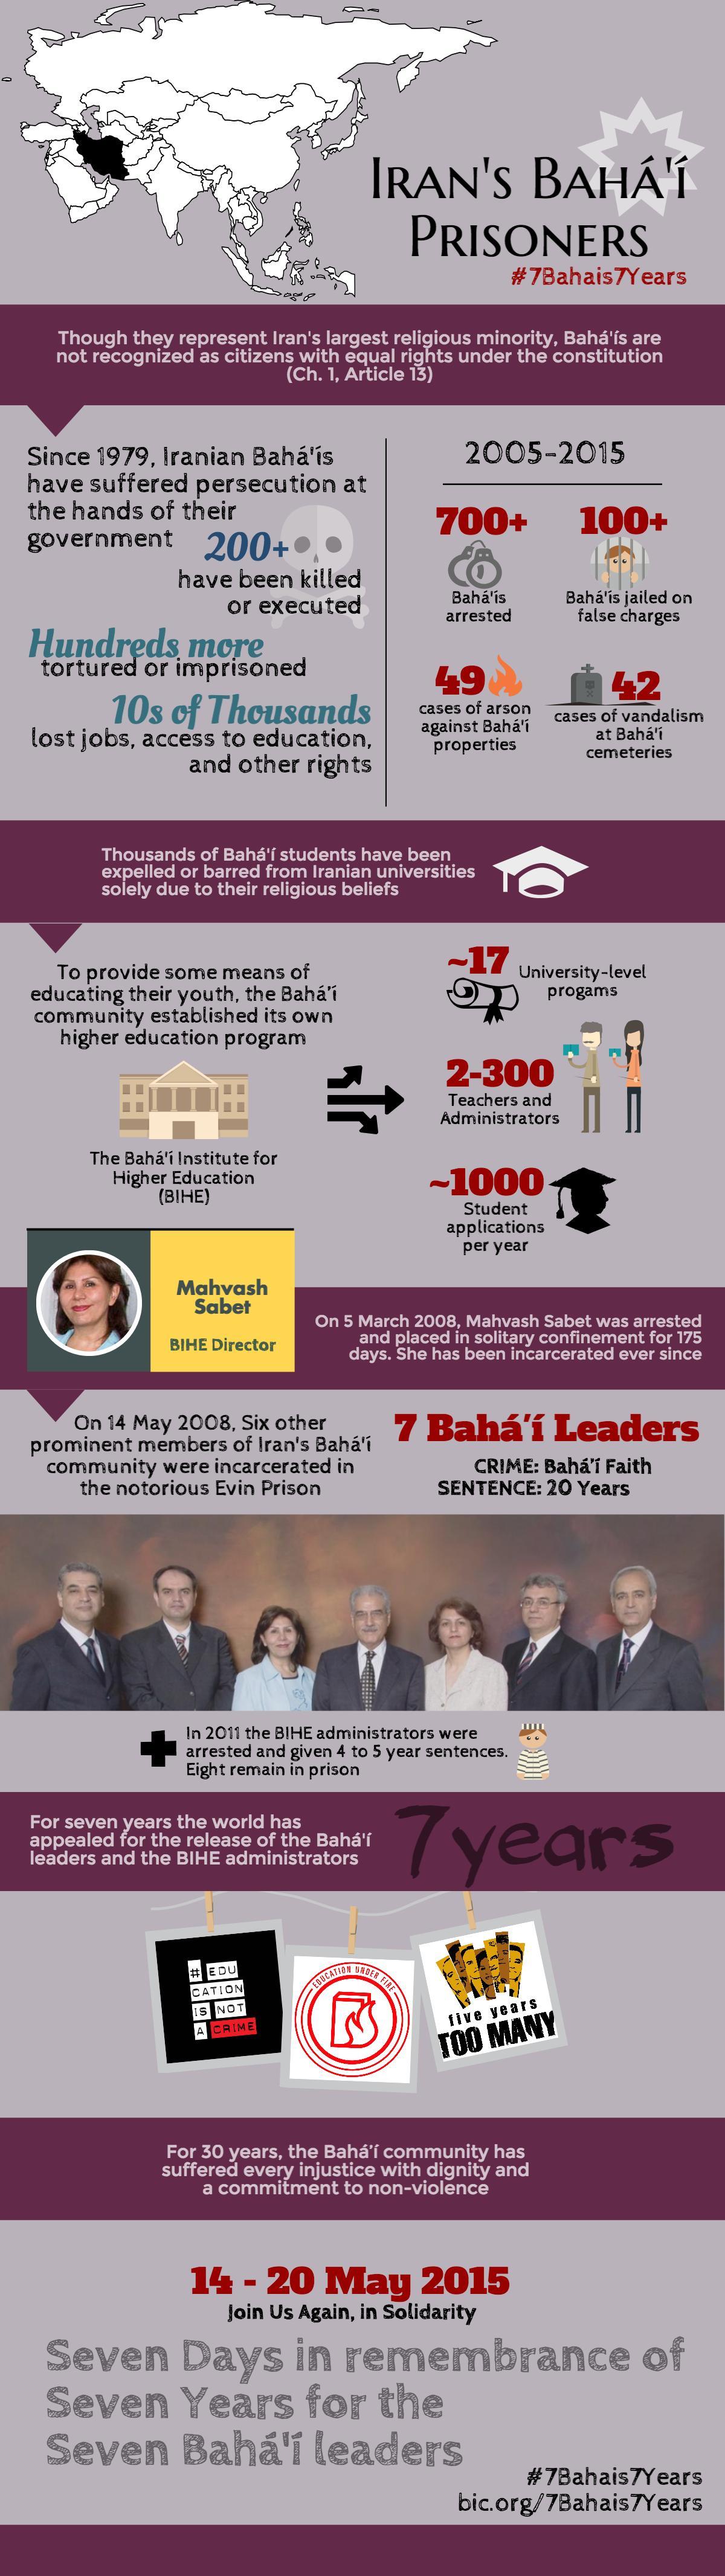 Iran's Bahá'í Prisoners